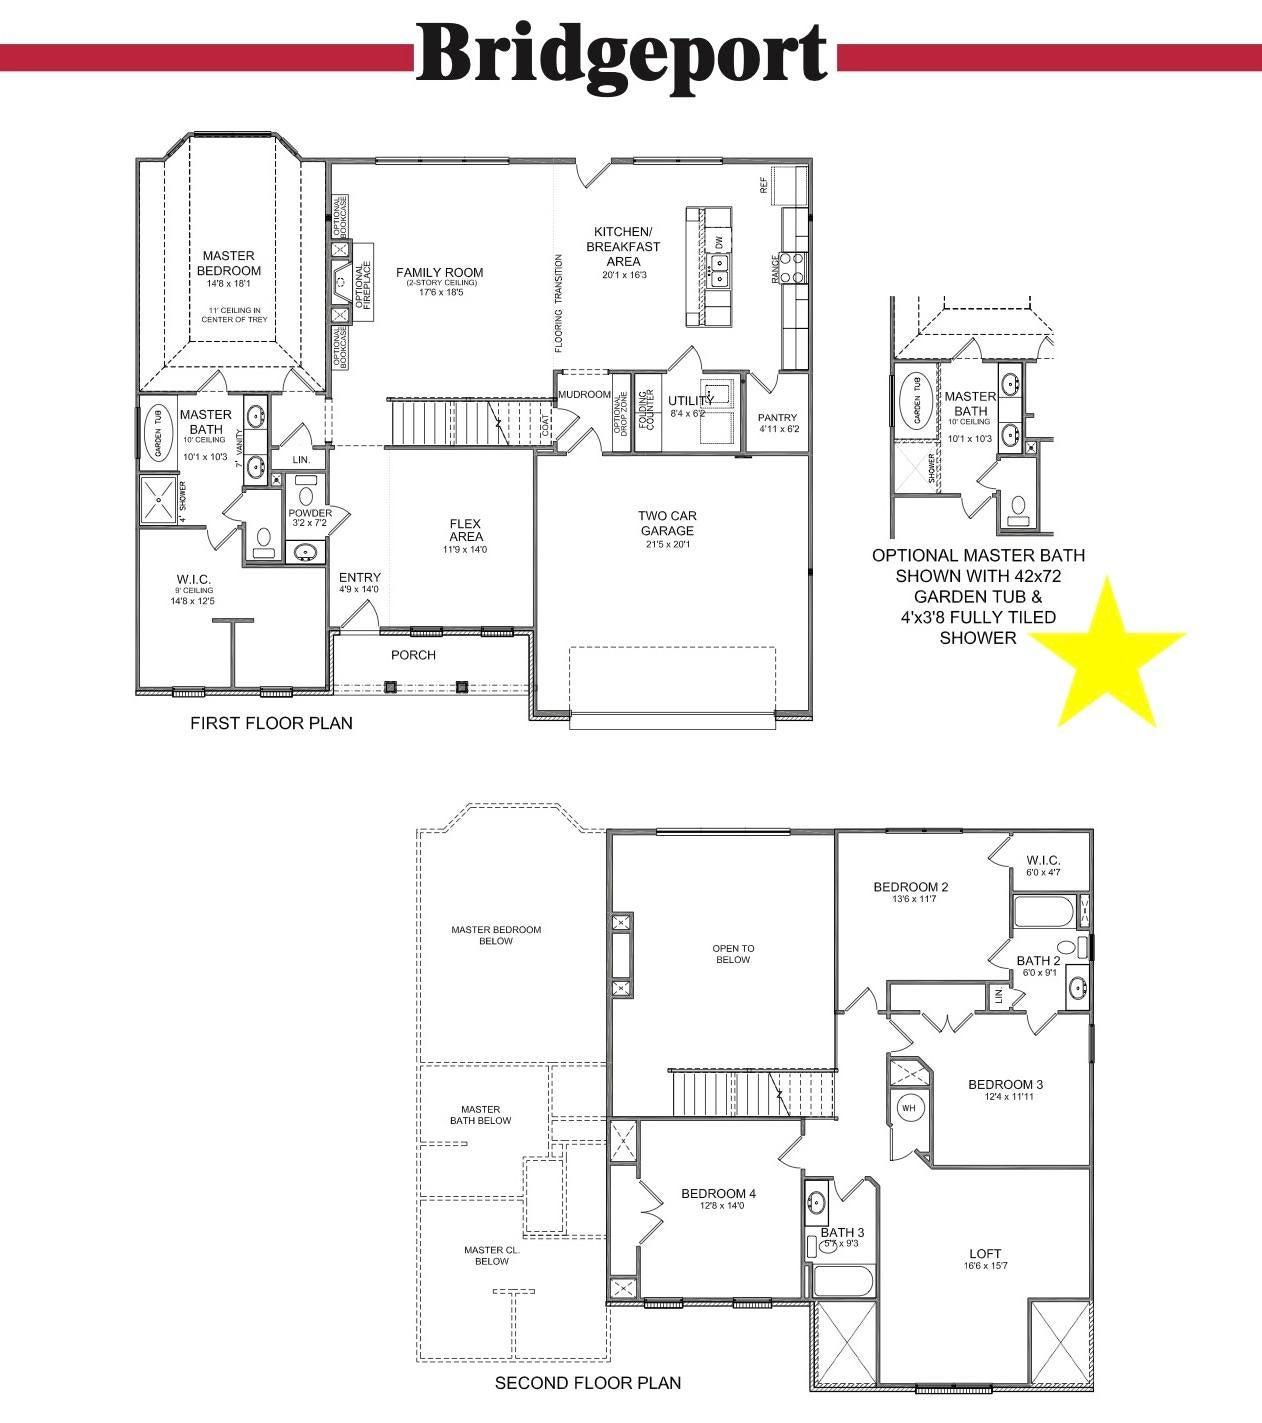 Bridgeport Floor Plan